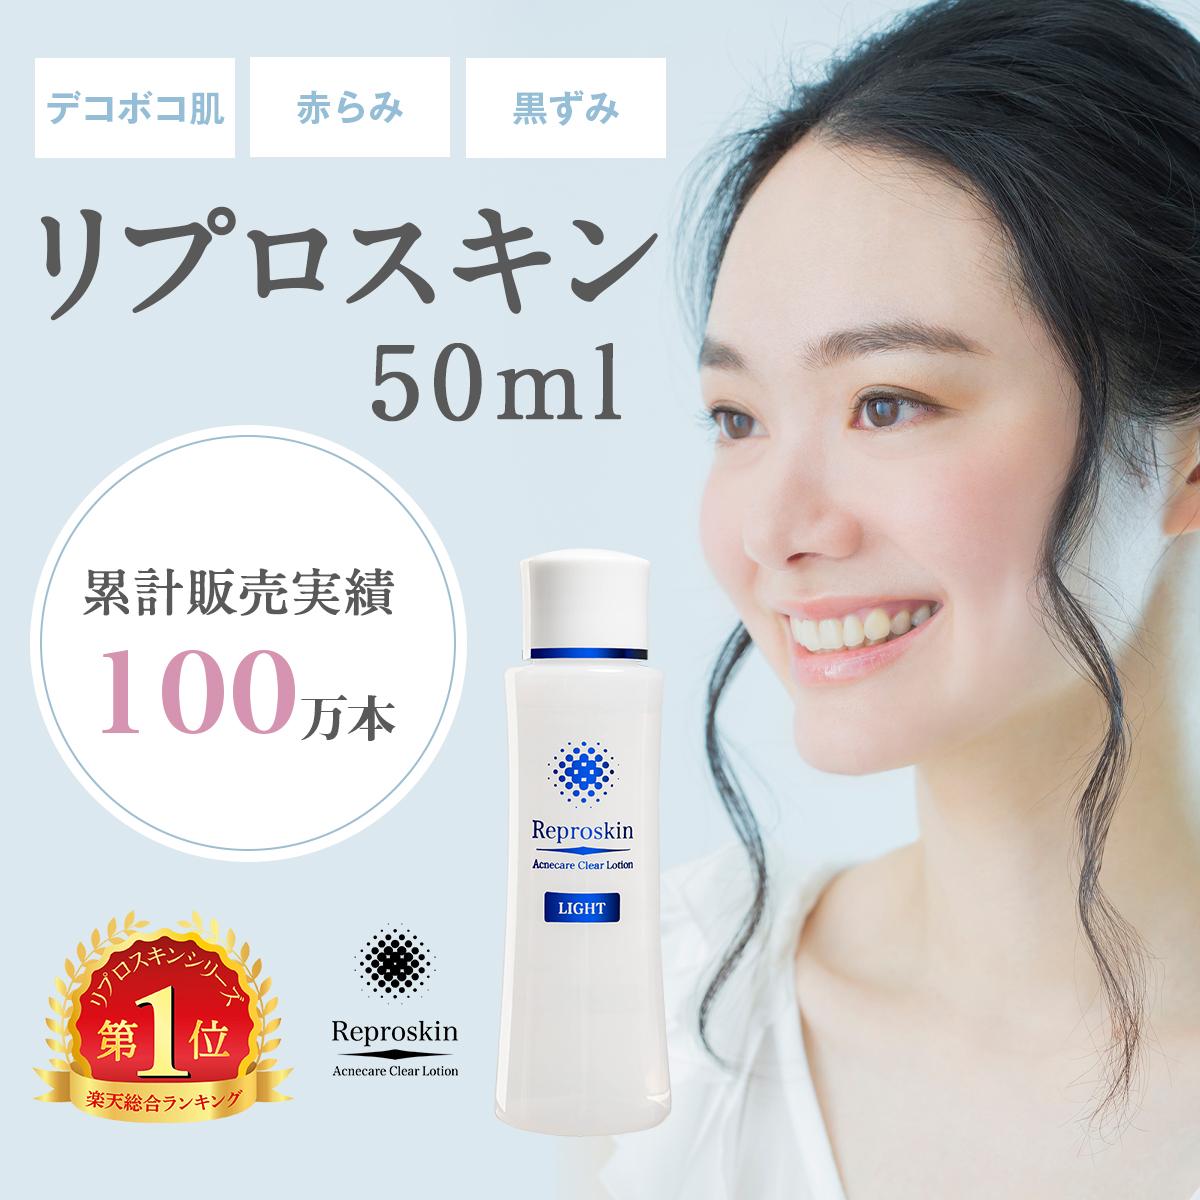 水 顎 ニキビ 化粧 顎ニキビ、大人ニキビ化粧水選びの5つのポイント